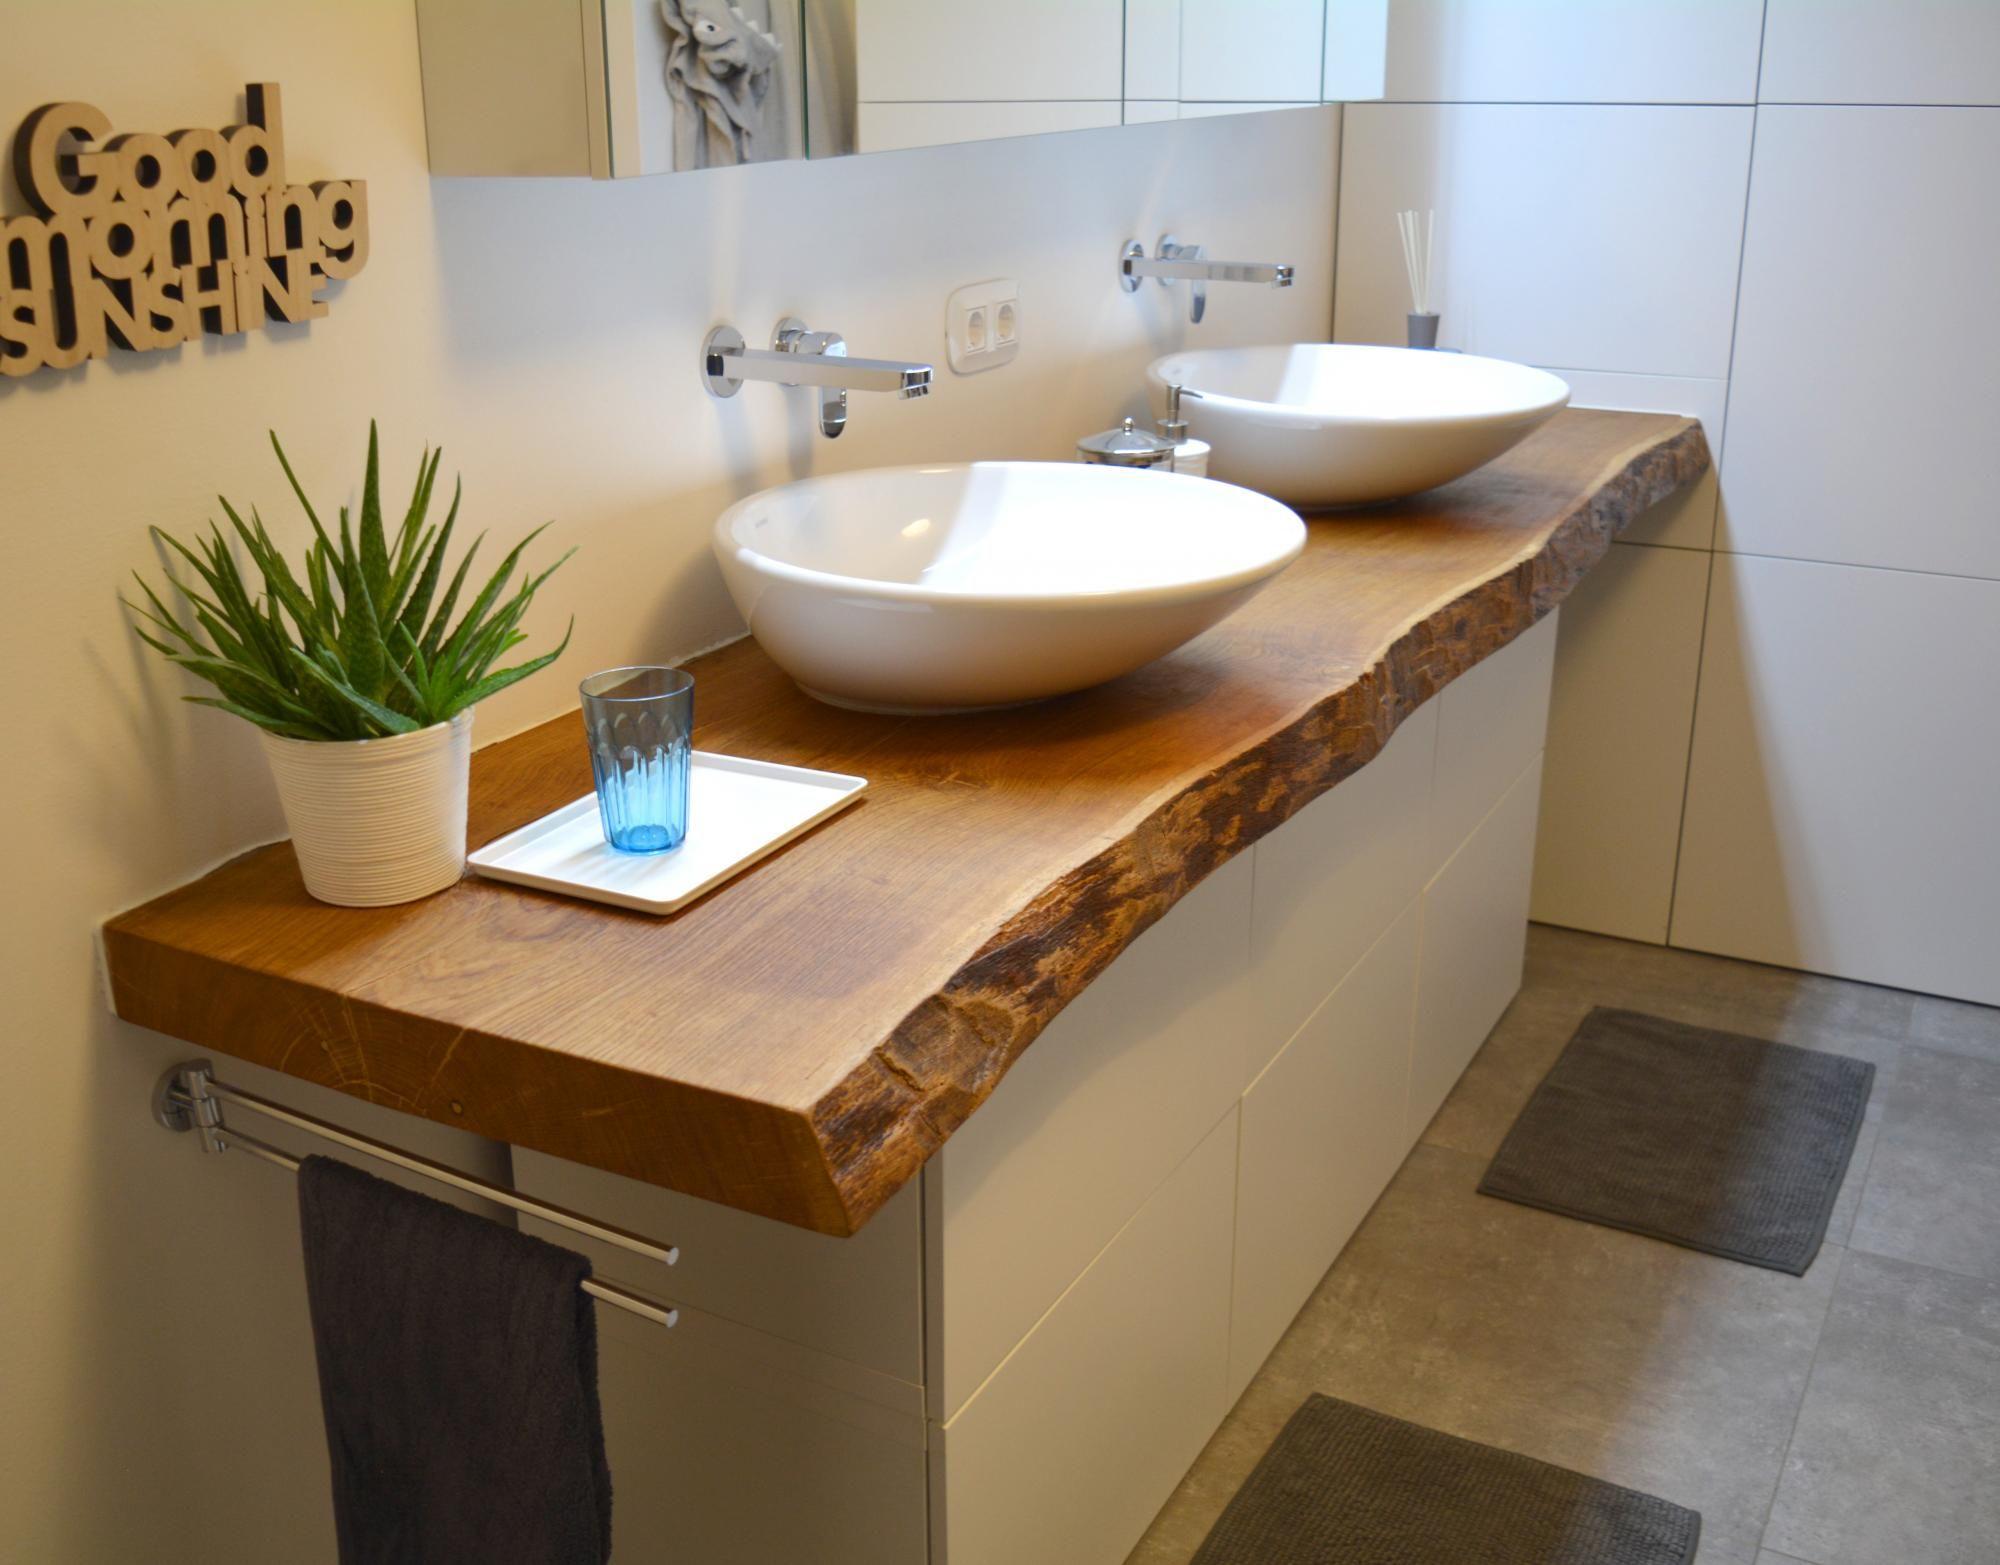 Waschtisch Aus Massivholz Das Highlight In Ihrem Badezimmer Holzwunder Waschtisch Holz Badezimmer Badezimmer Badezimmer Holz